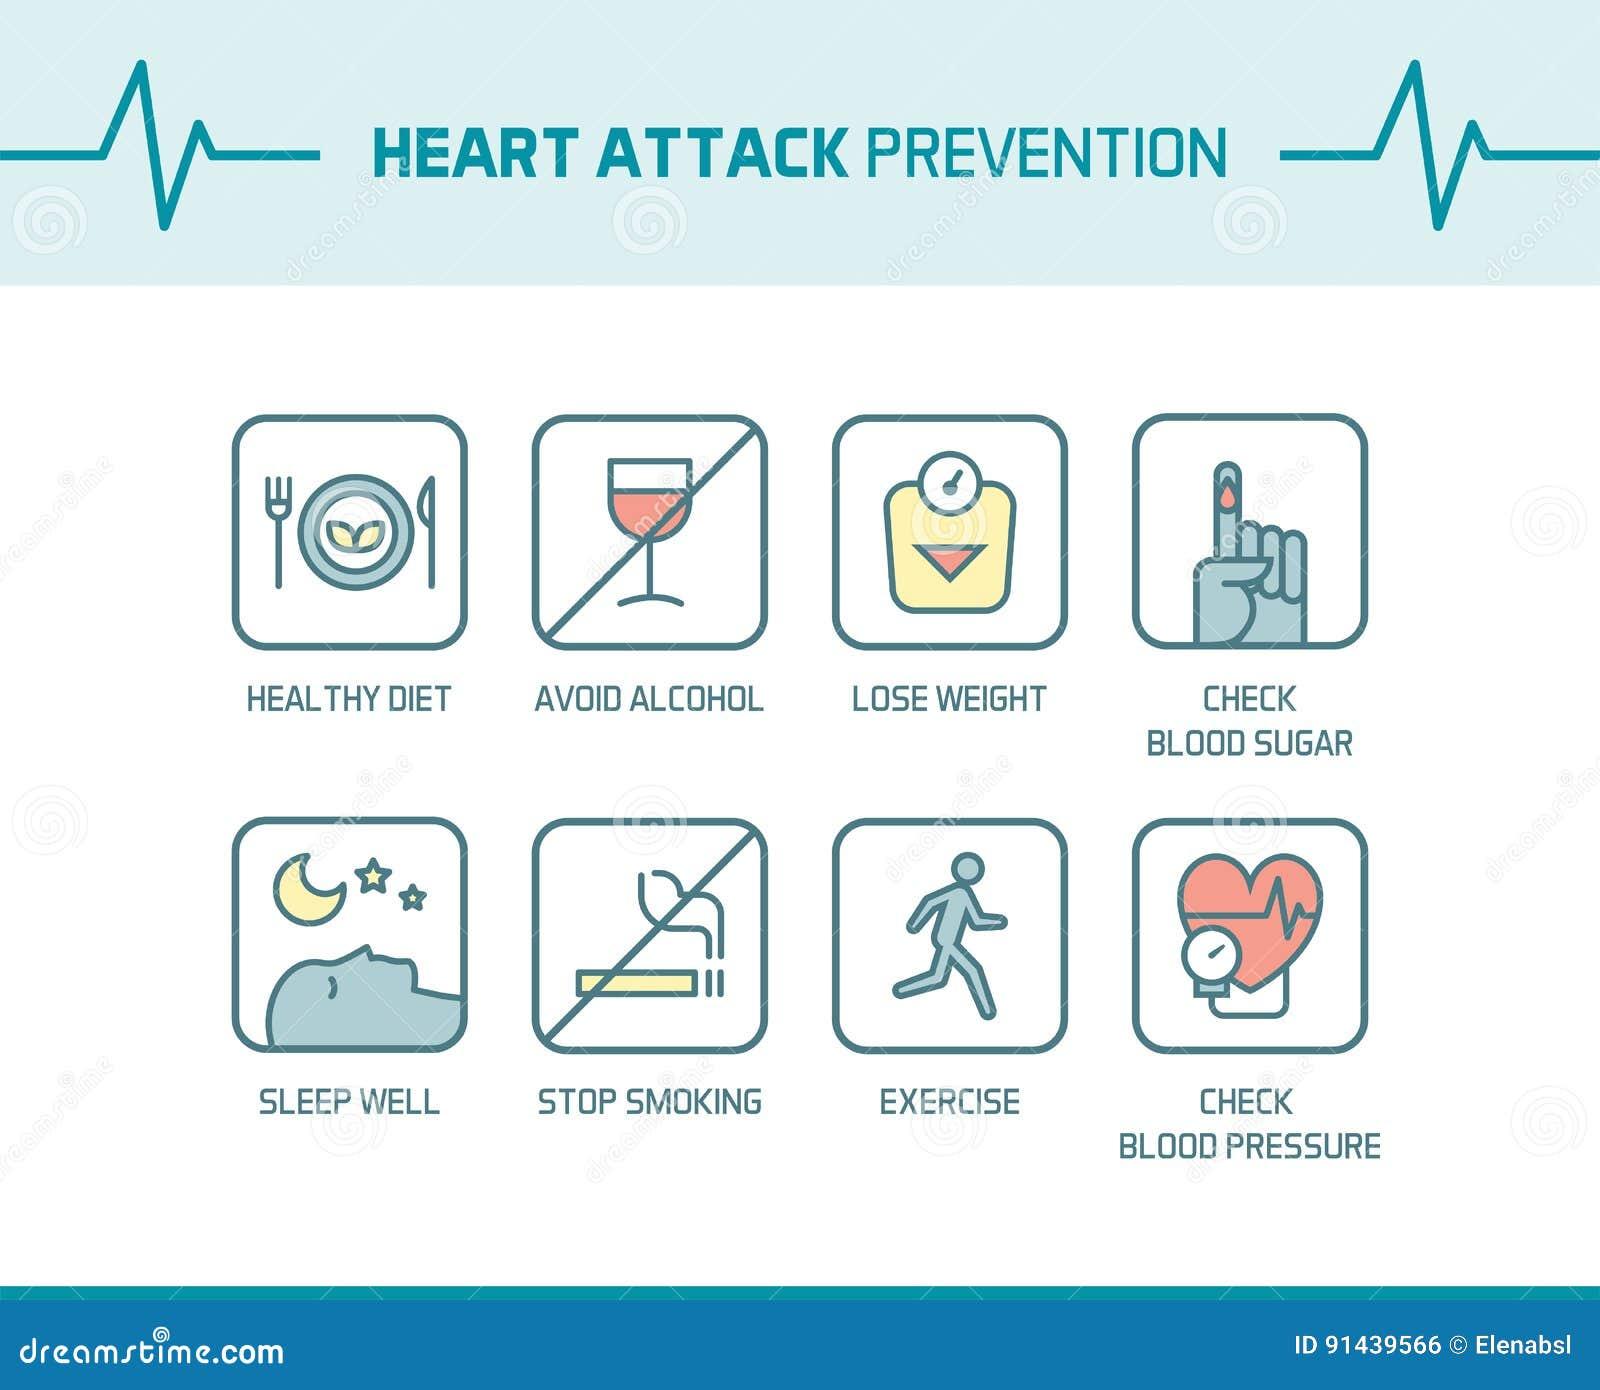 De uiteinden van de hartaanvalpreventie